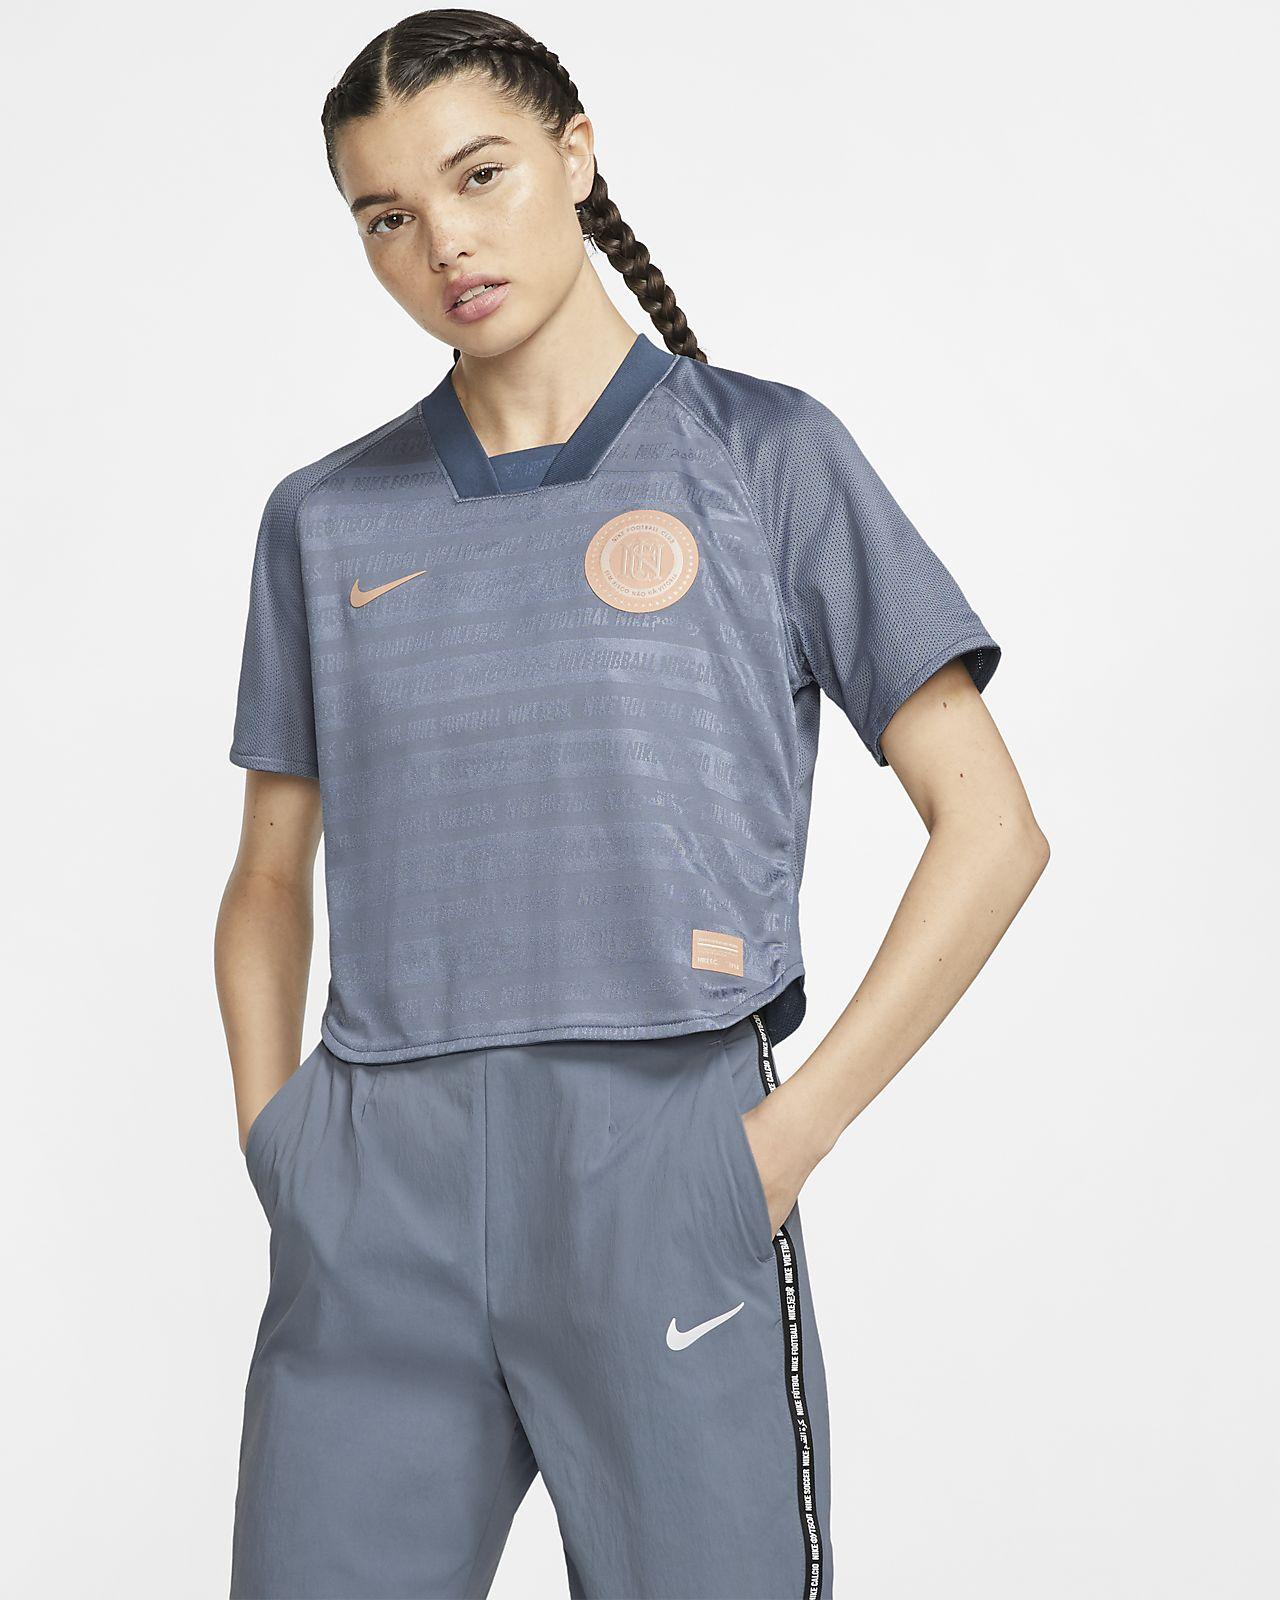 Haut de football à manches courtes Nike F.C. Dri FIT pour Femme